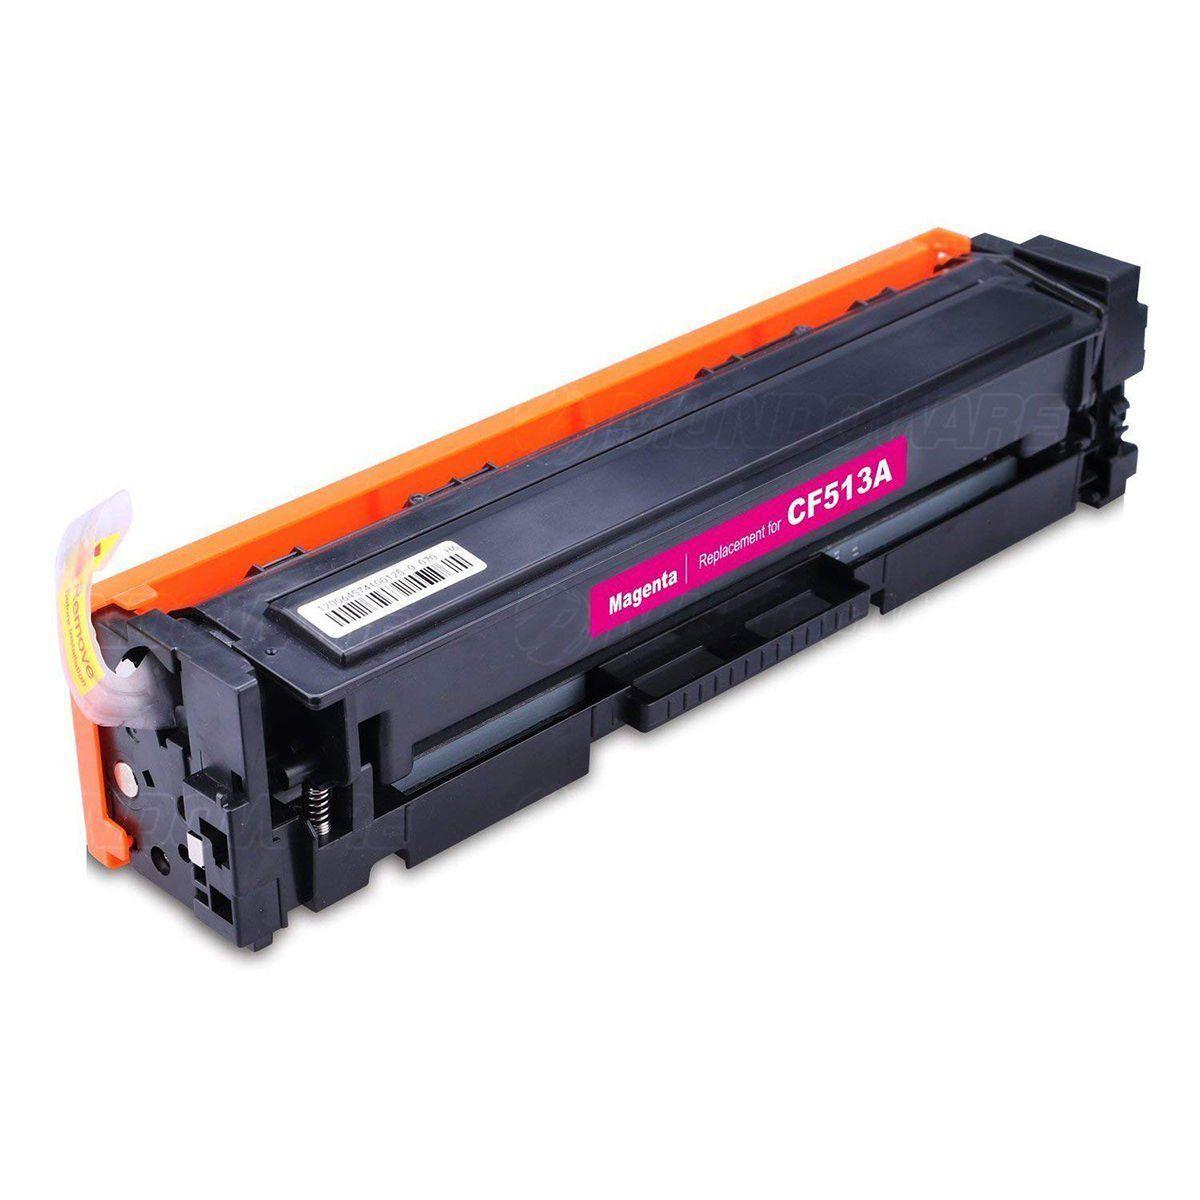 Compatível: Toner CF513A 204A para Impressora HP M154a M154nw M180n M180nw M181 M181fw 154nw 181fw / Magenta / 900